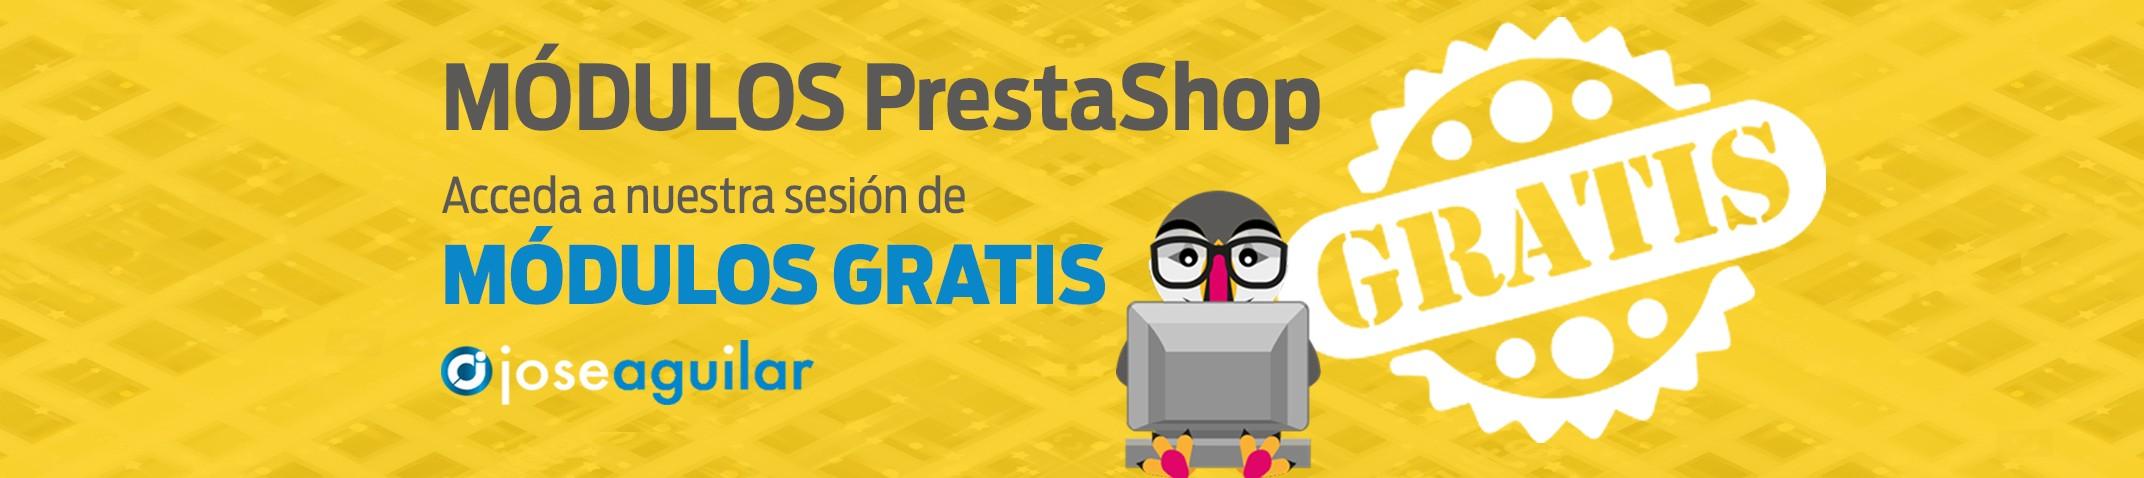 Módulos PrestaShop Gratis